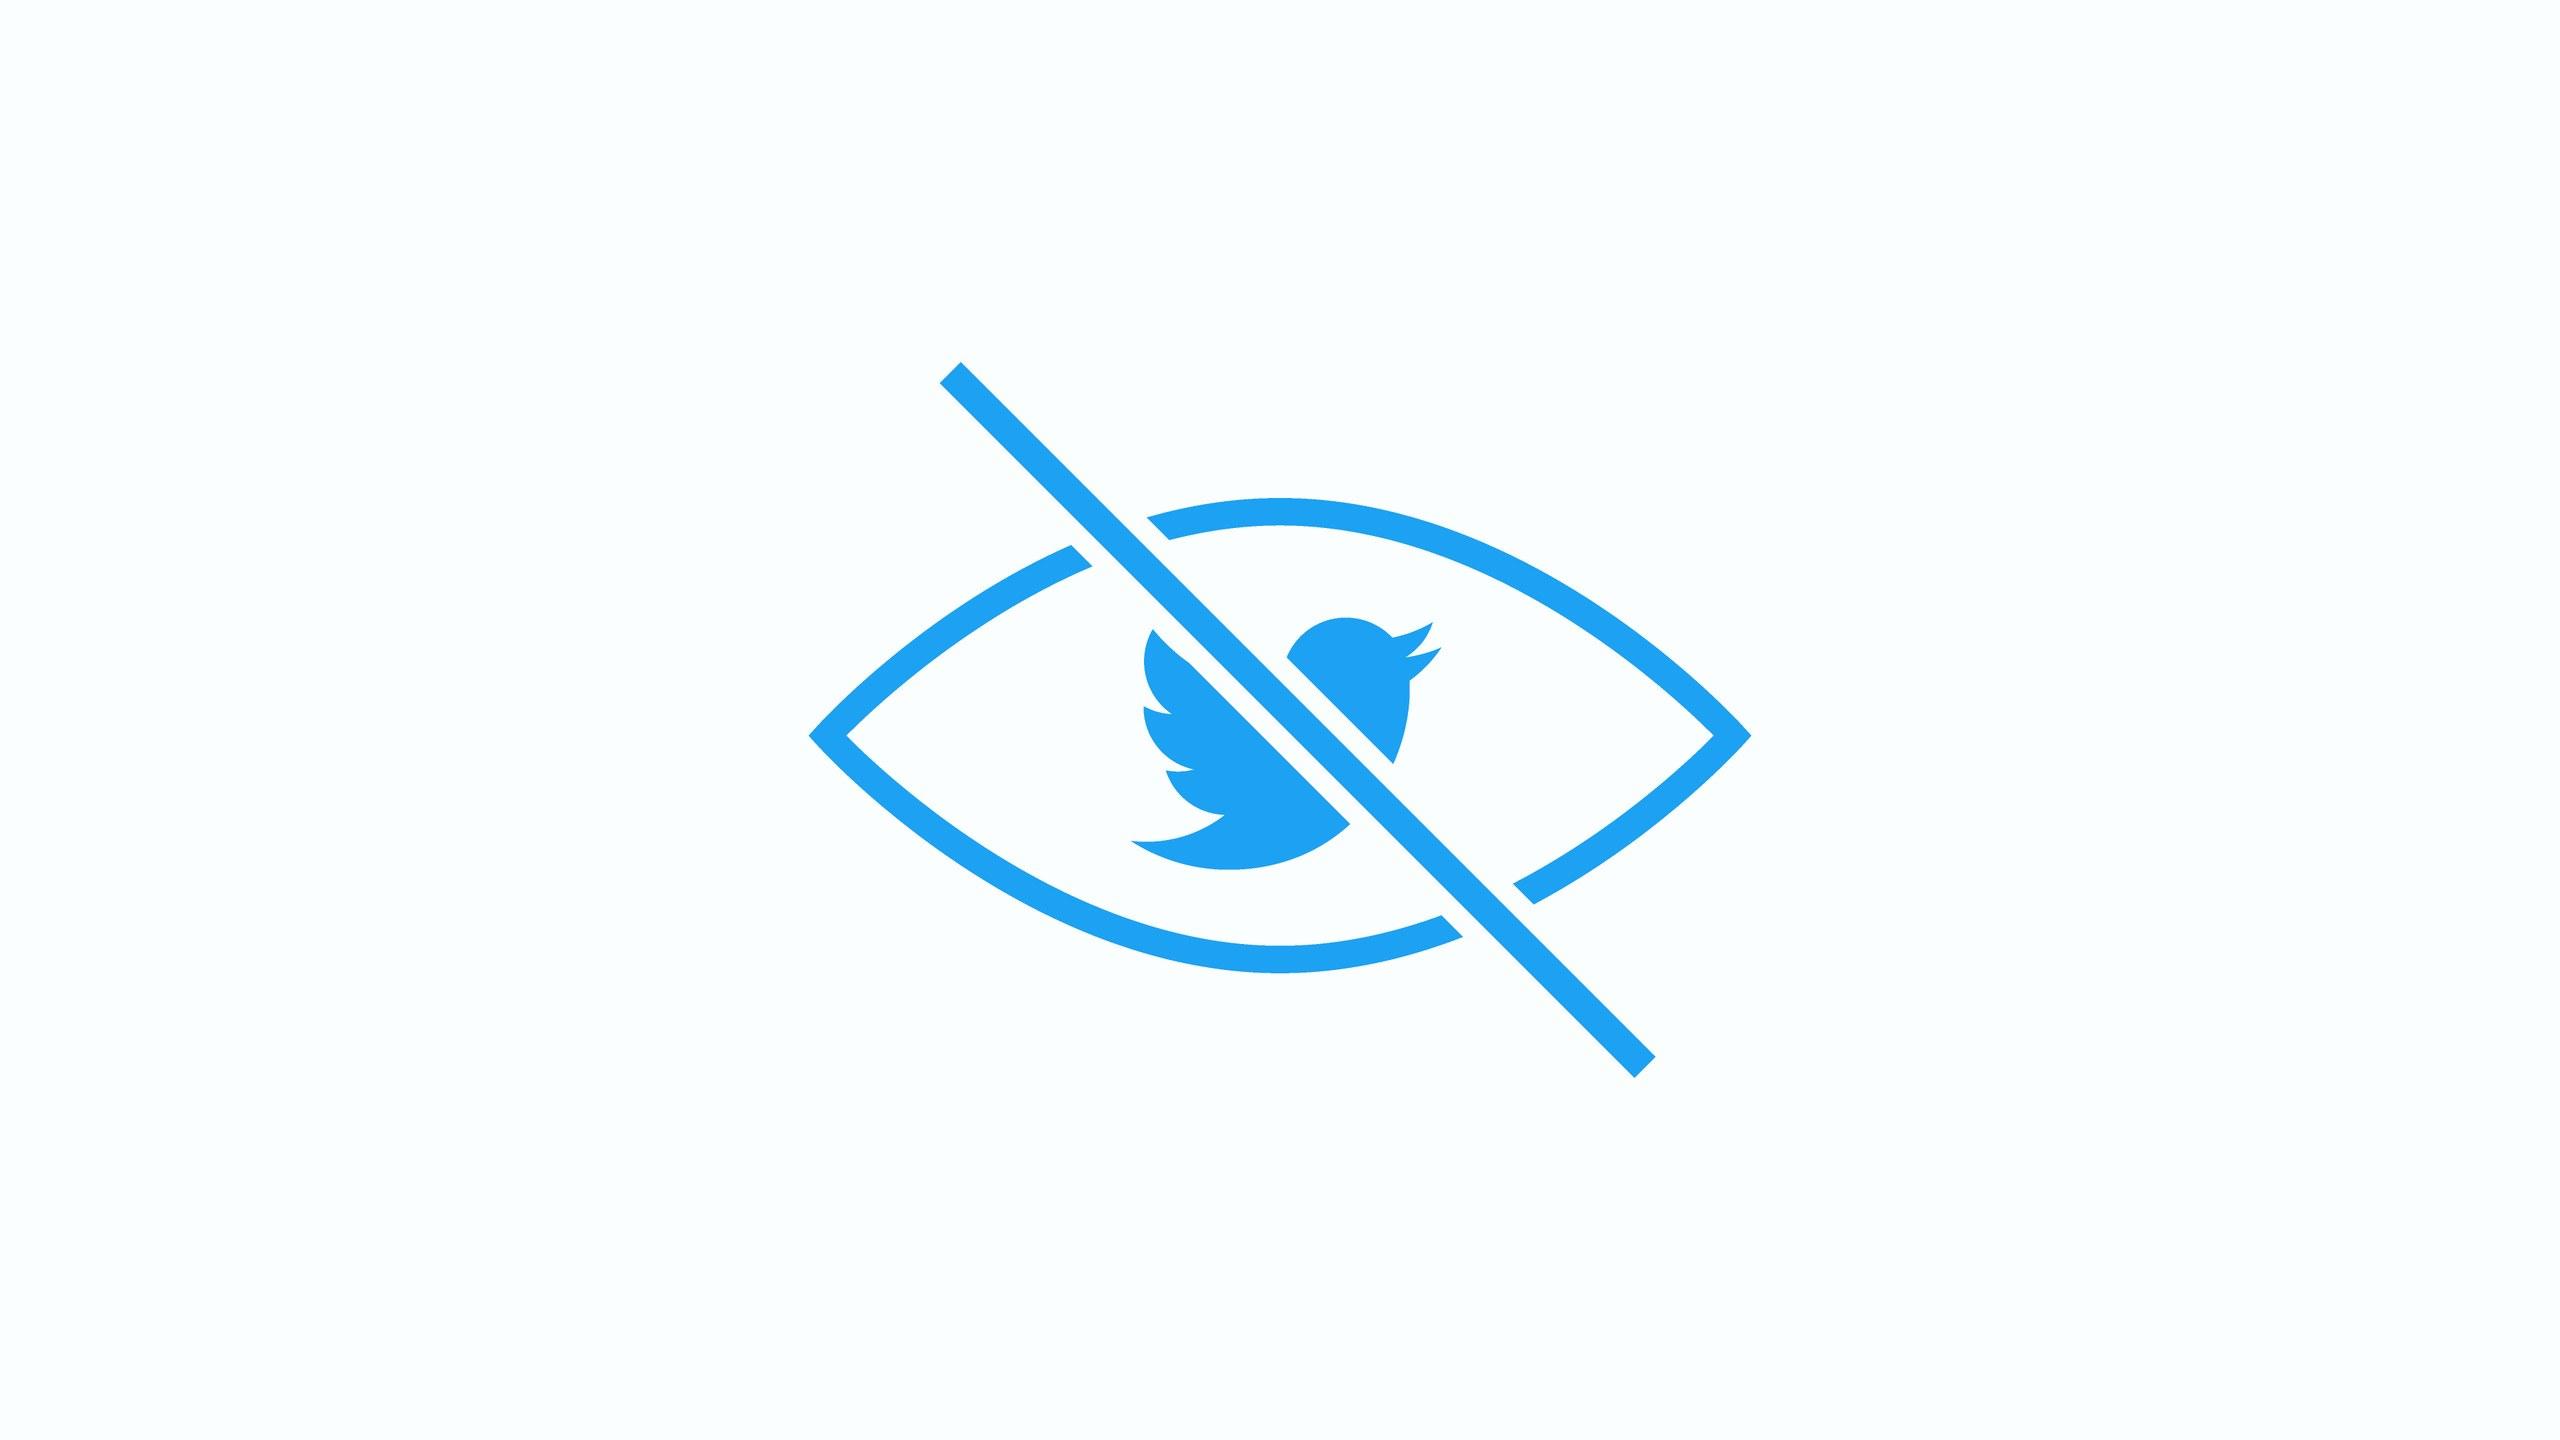 Twitter Hides - بعد تجارب عديدة، تويتر تطلق ميزة إخفاء الردود في اليابان والولايات المتحدة الأمريكية